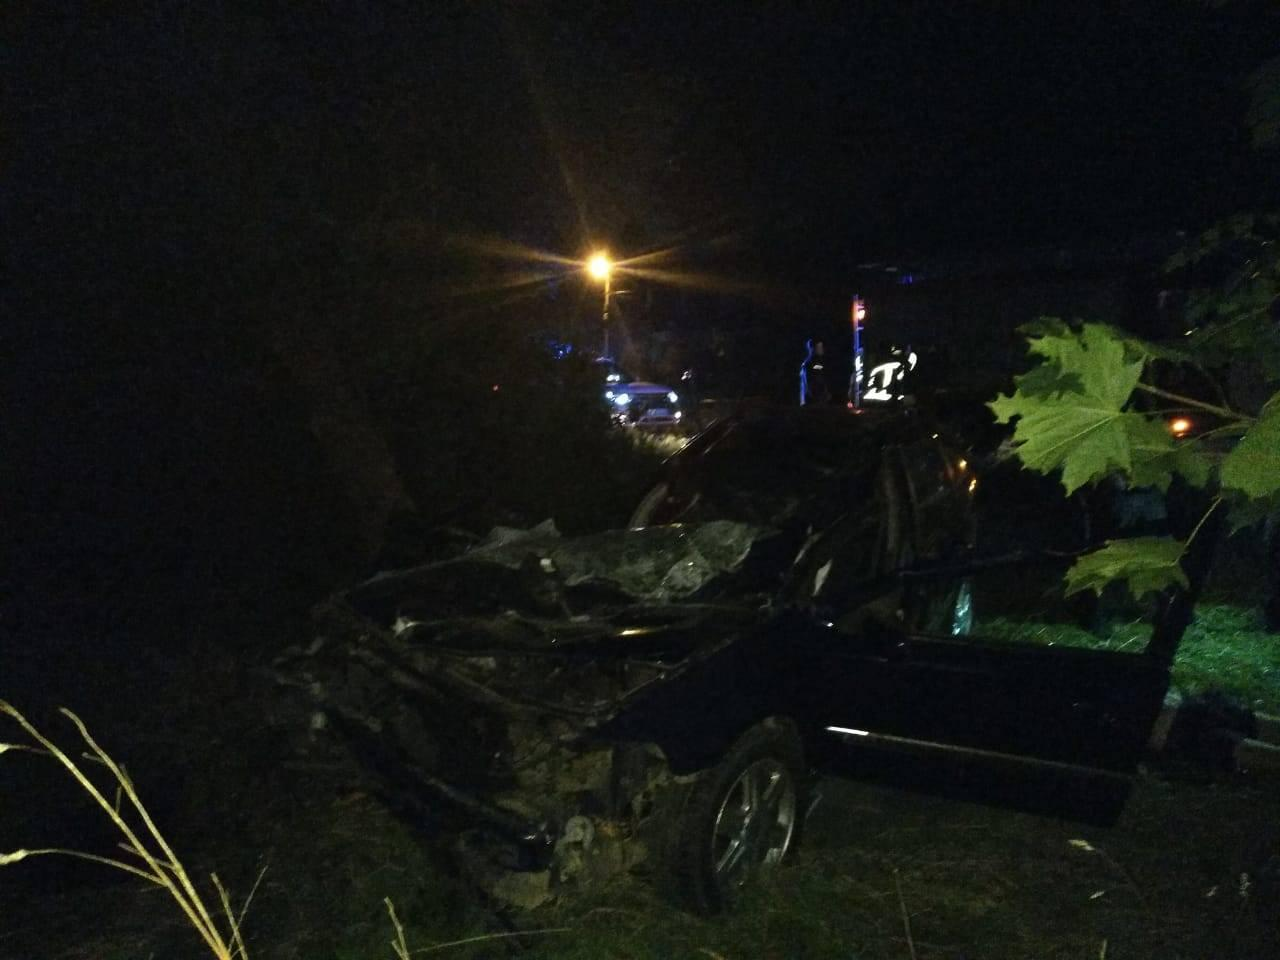 У Долині Рено врізалося у дерево: водій загинув на місці (ФОТО)